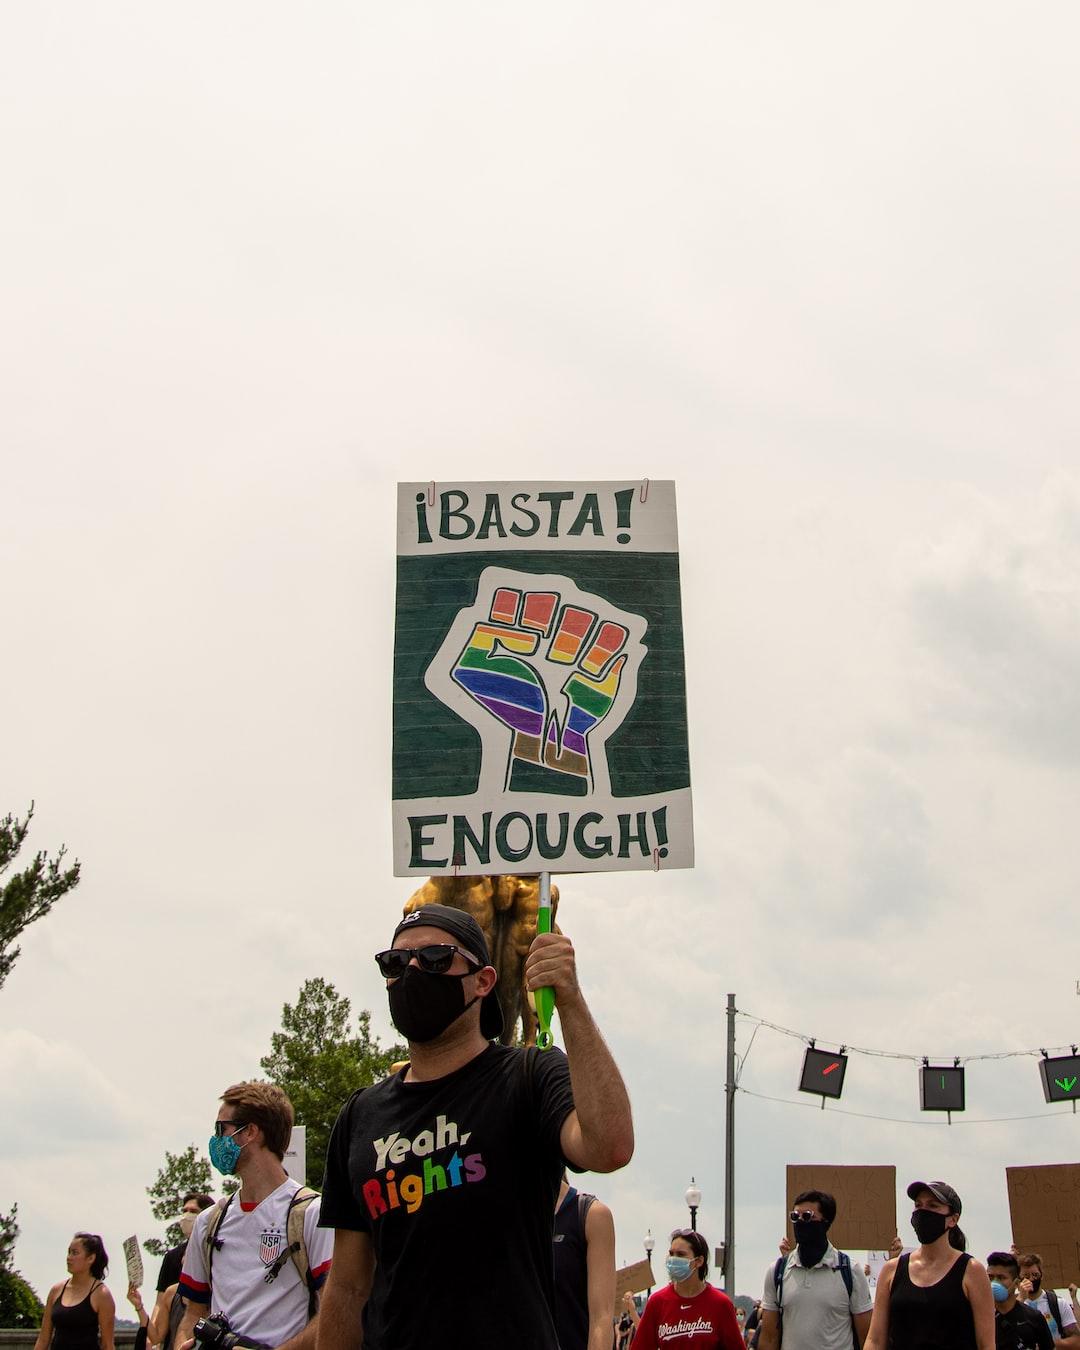 Black Lives Matter Protest in DC, 6/6/2020.  (Instagram: @koshuphotography)